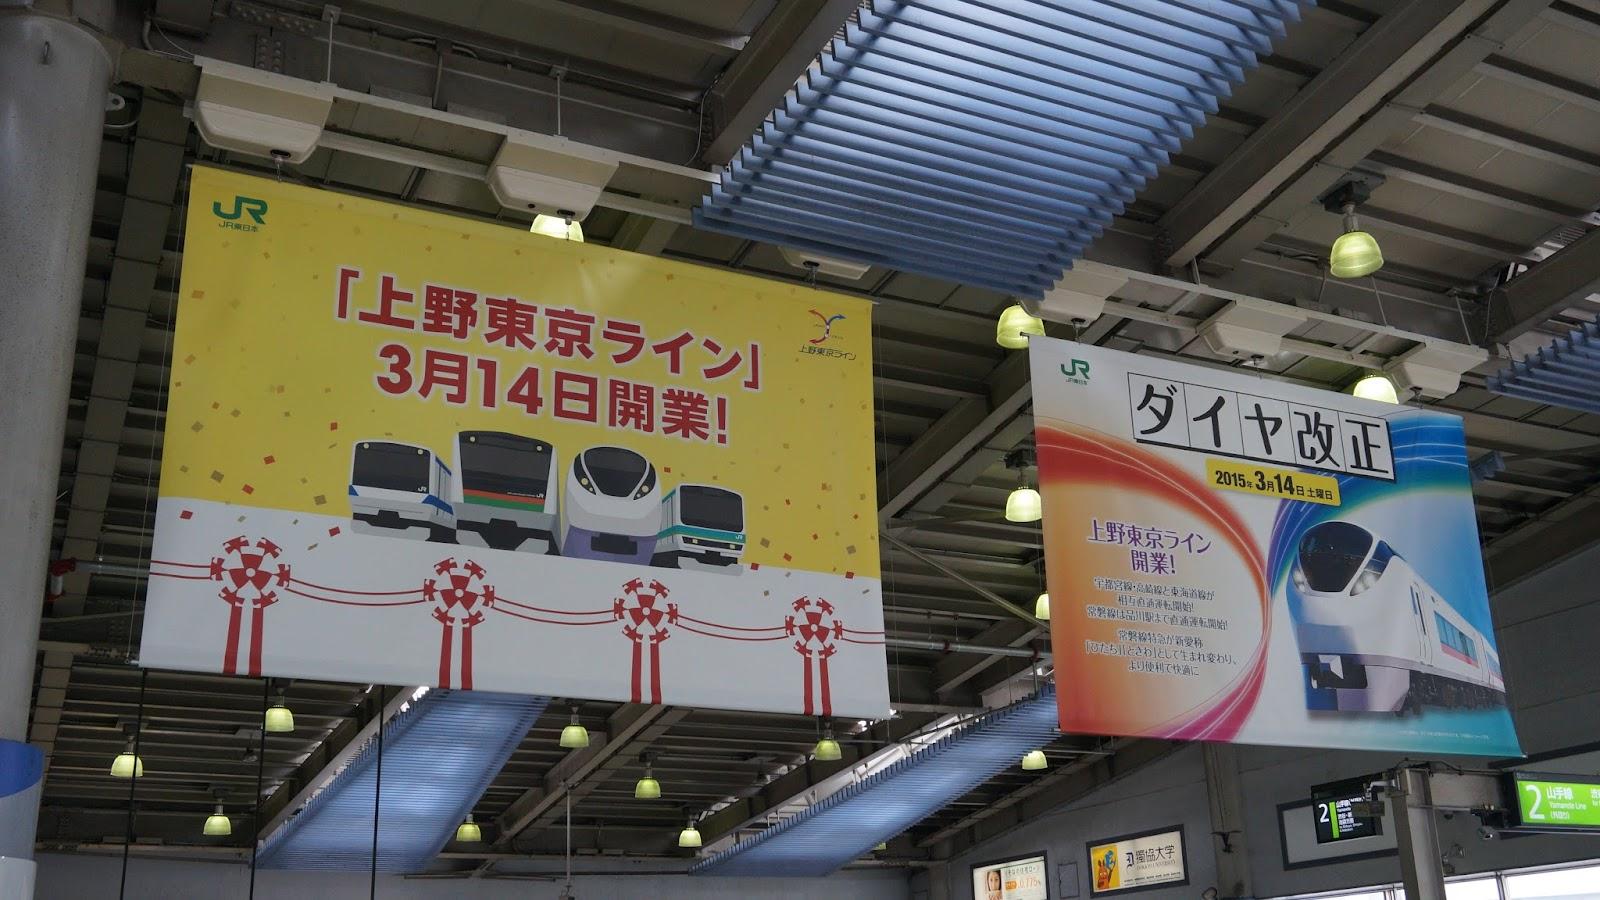 品川駅構内に掲出されている上野東京ラインとダイヤ改正の横断幕